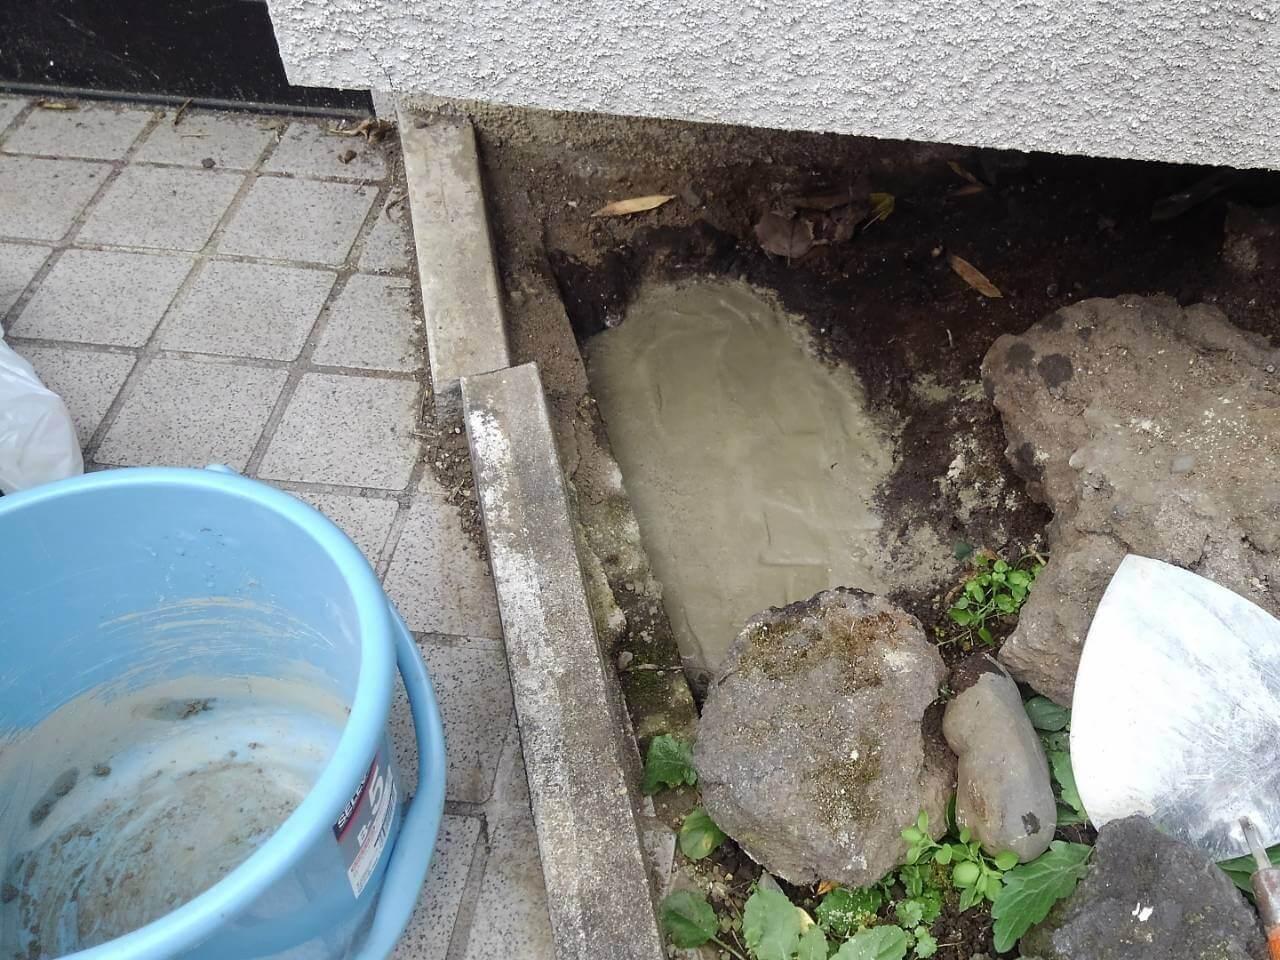 さいたま市のネズミ駆除の事例